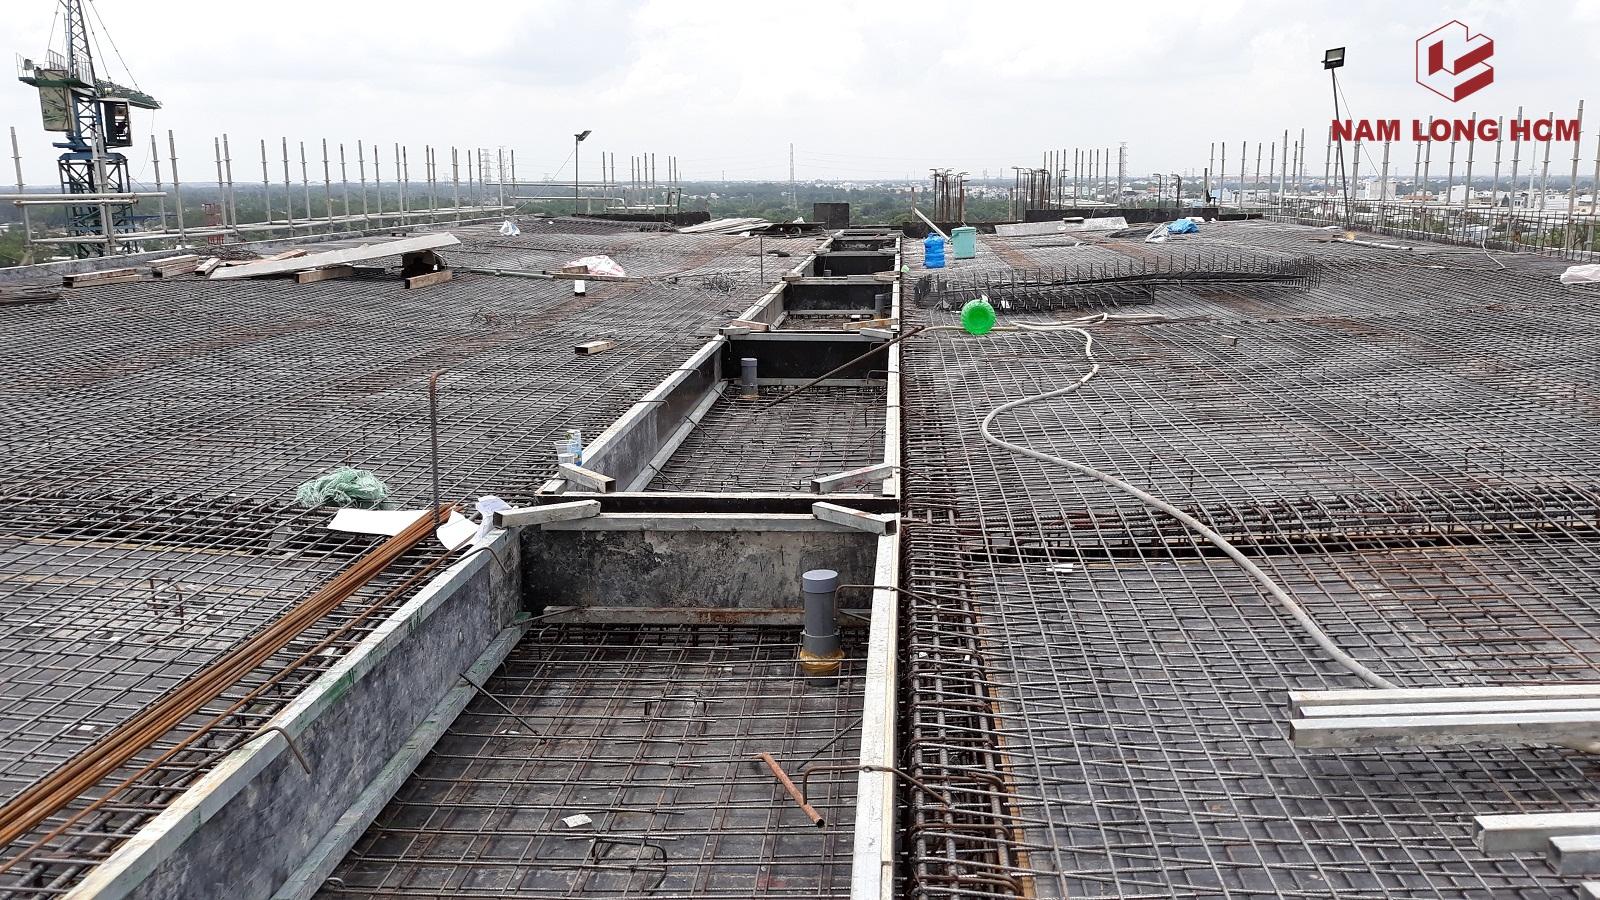 Đơn vị xây dựng dang thi công sàn tầng mái Block G - Dự án Ehome S Bình Chánh. Ảnh: Nam Long HCM